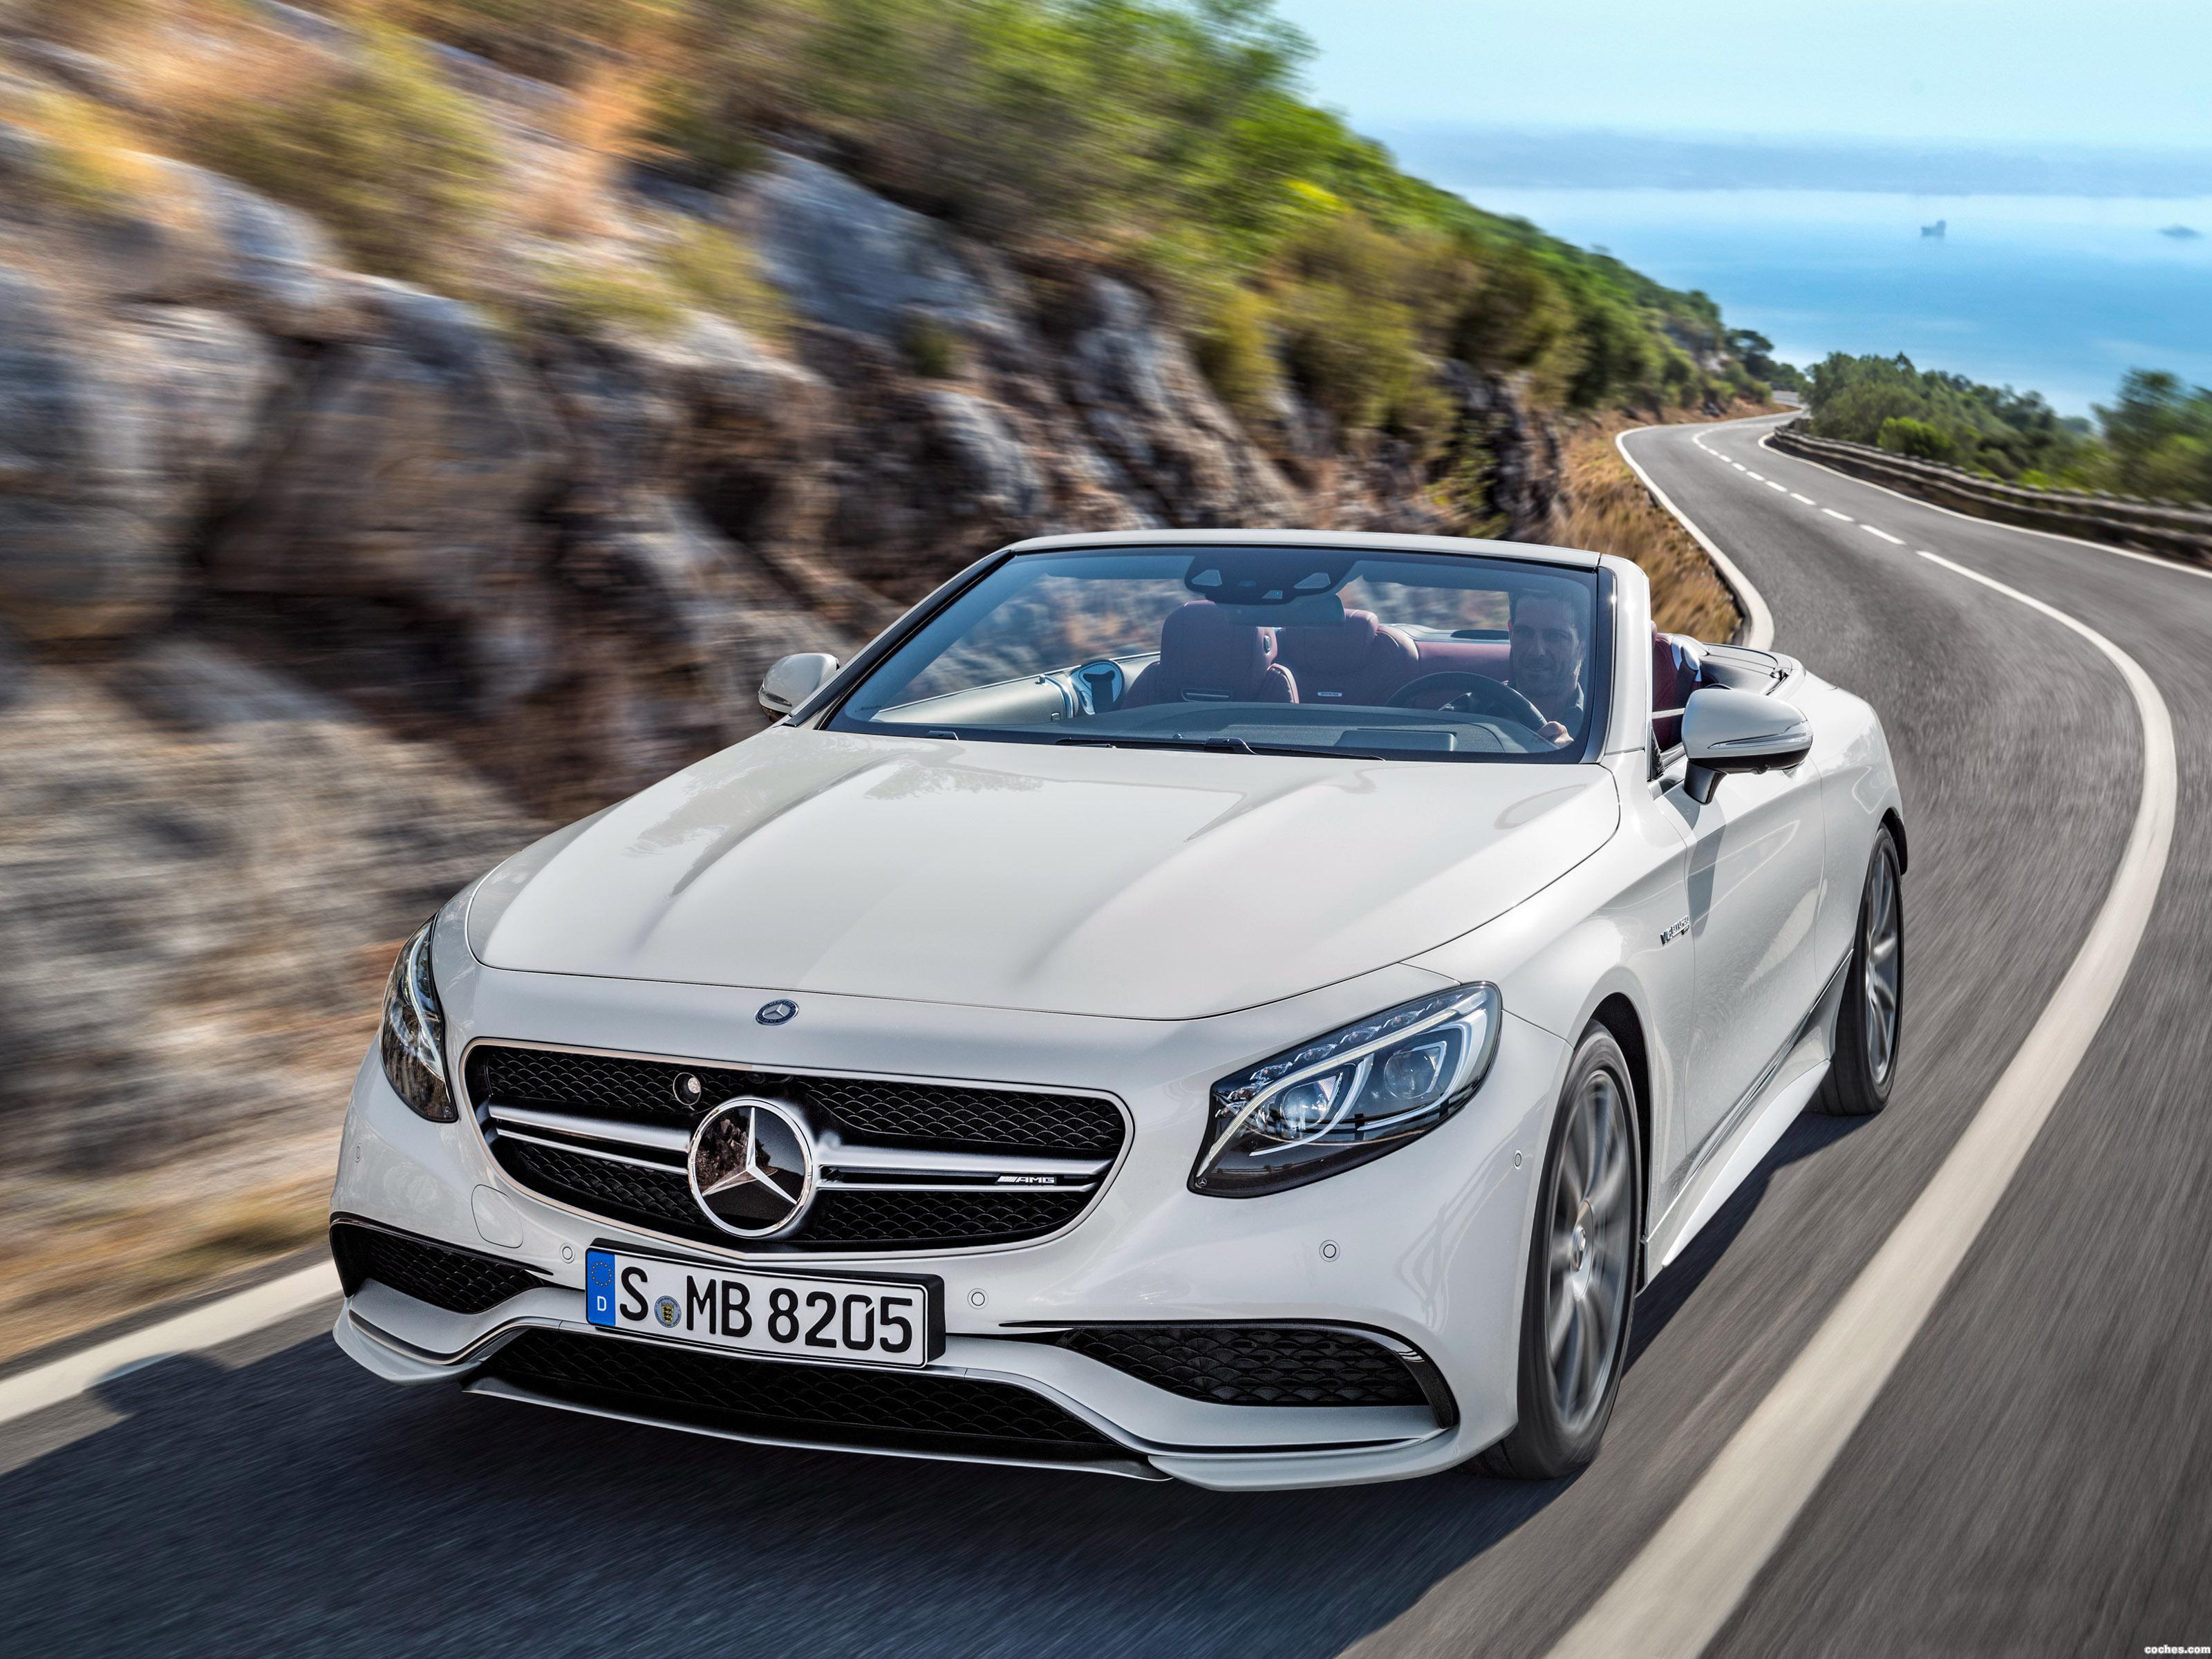 Foto 0 de Mercedes AMG S 63 4MATIC Cabriolet A217 2015